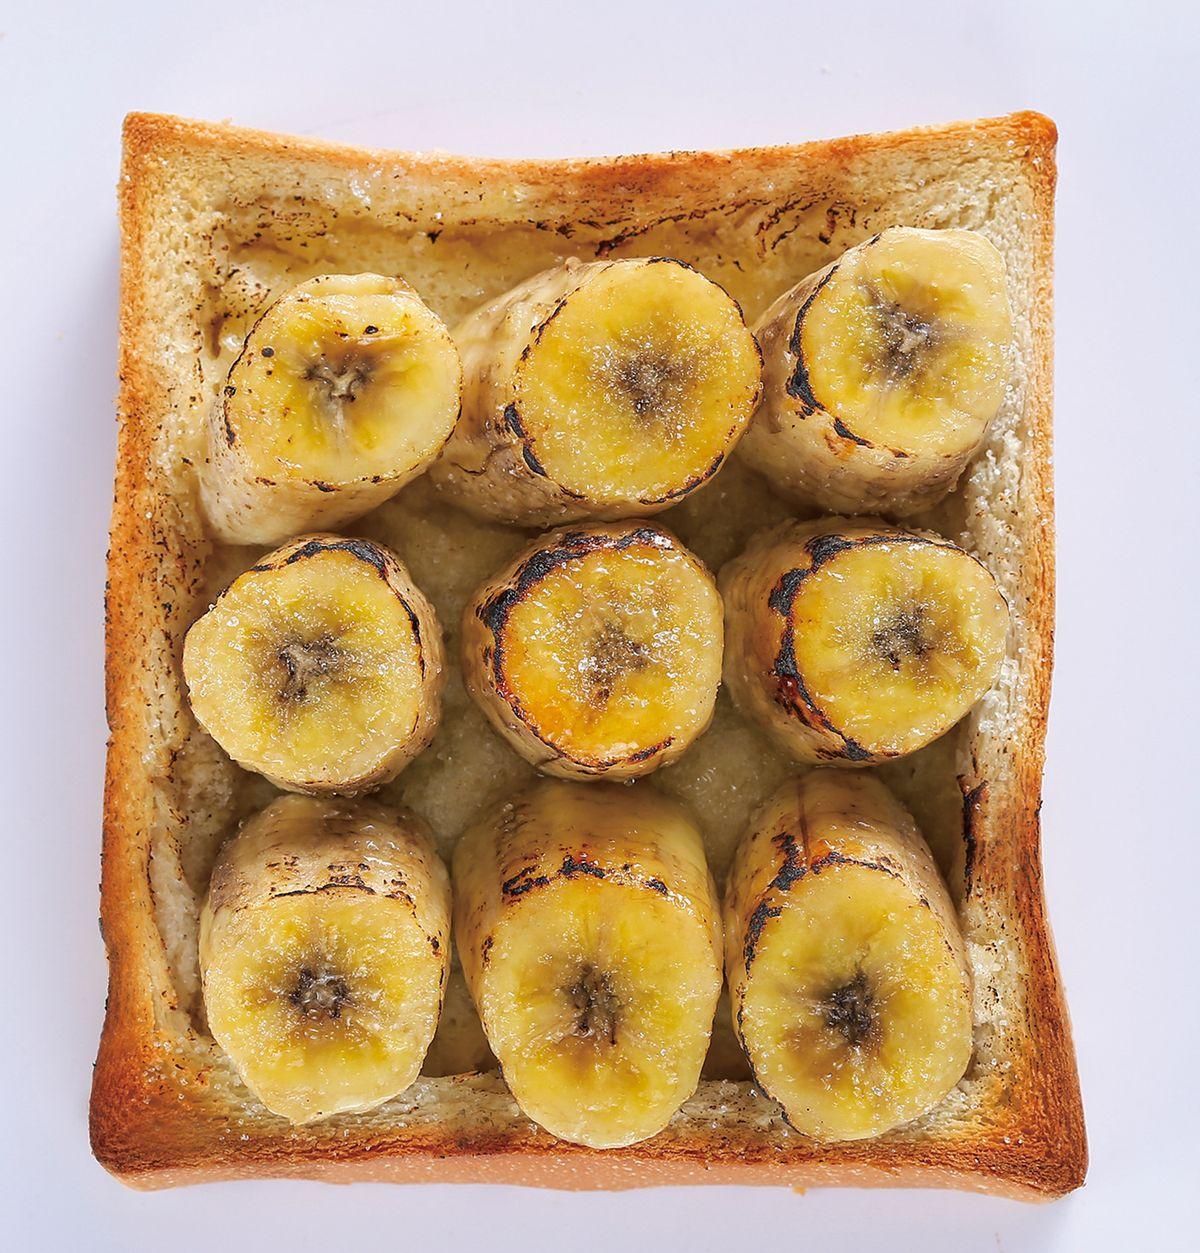 食譜:香蕉糖粒土司